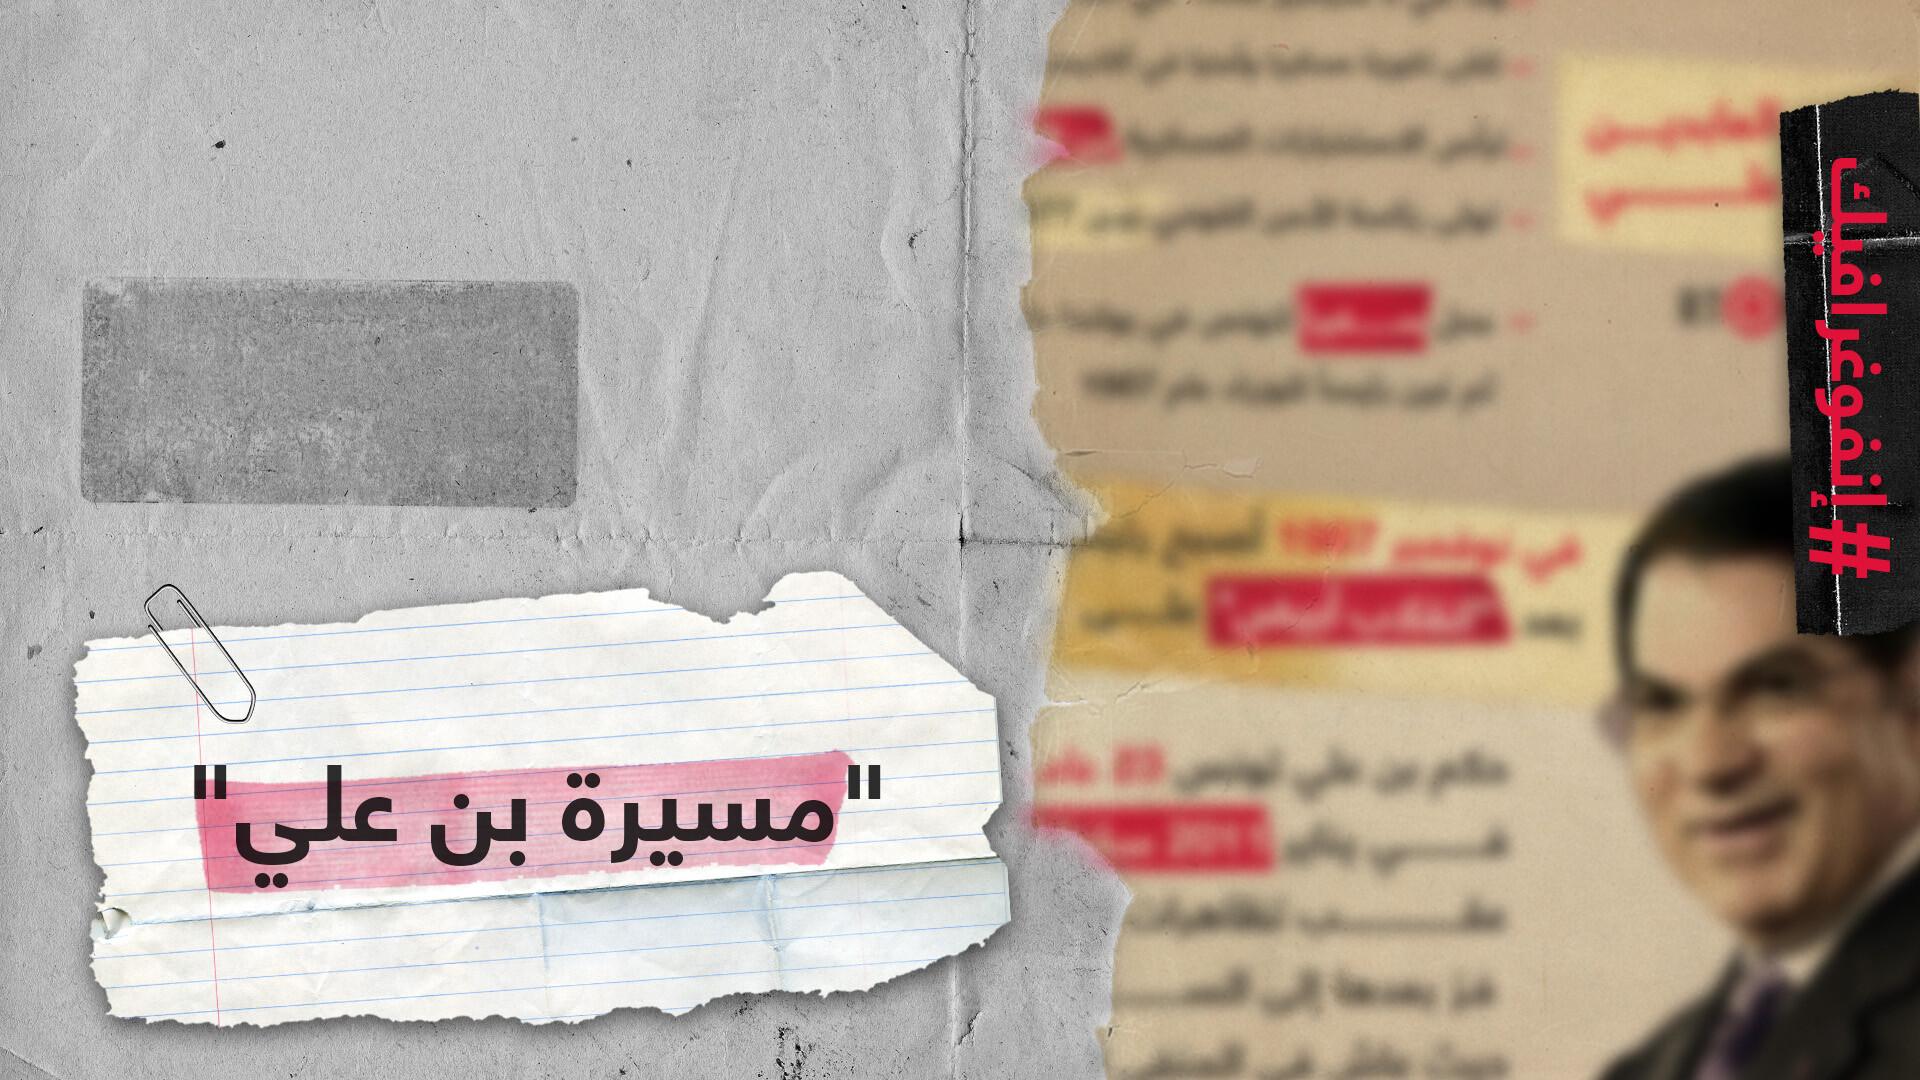 انفوغراف.. تعرف على مسيرة الرئيس التونسي الراحل زين العابدين بن علي